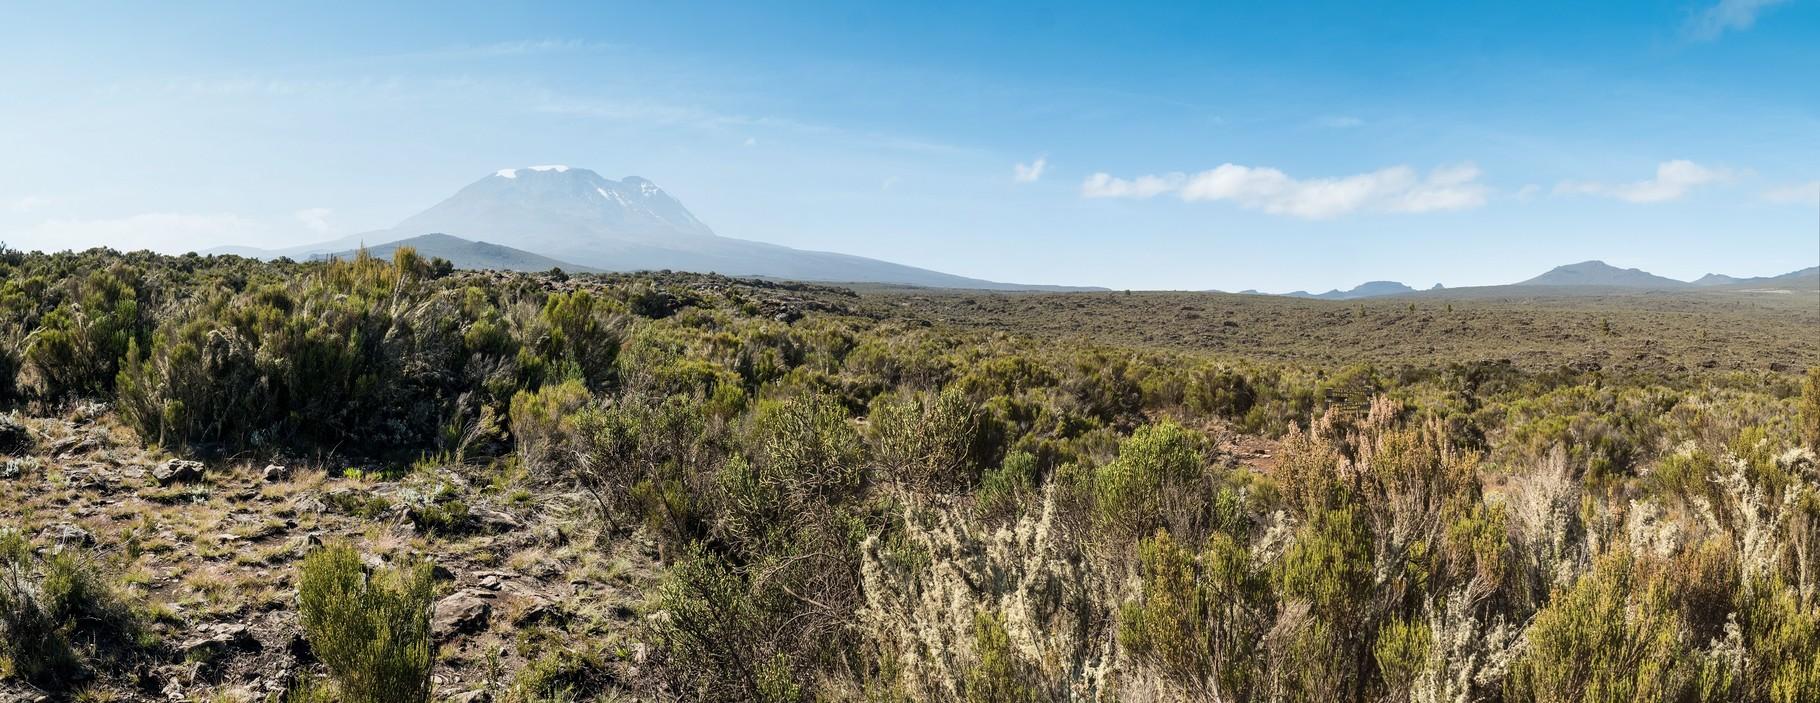 Blick über das Shira Plateau